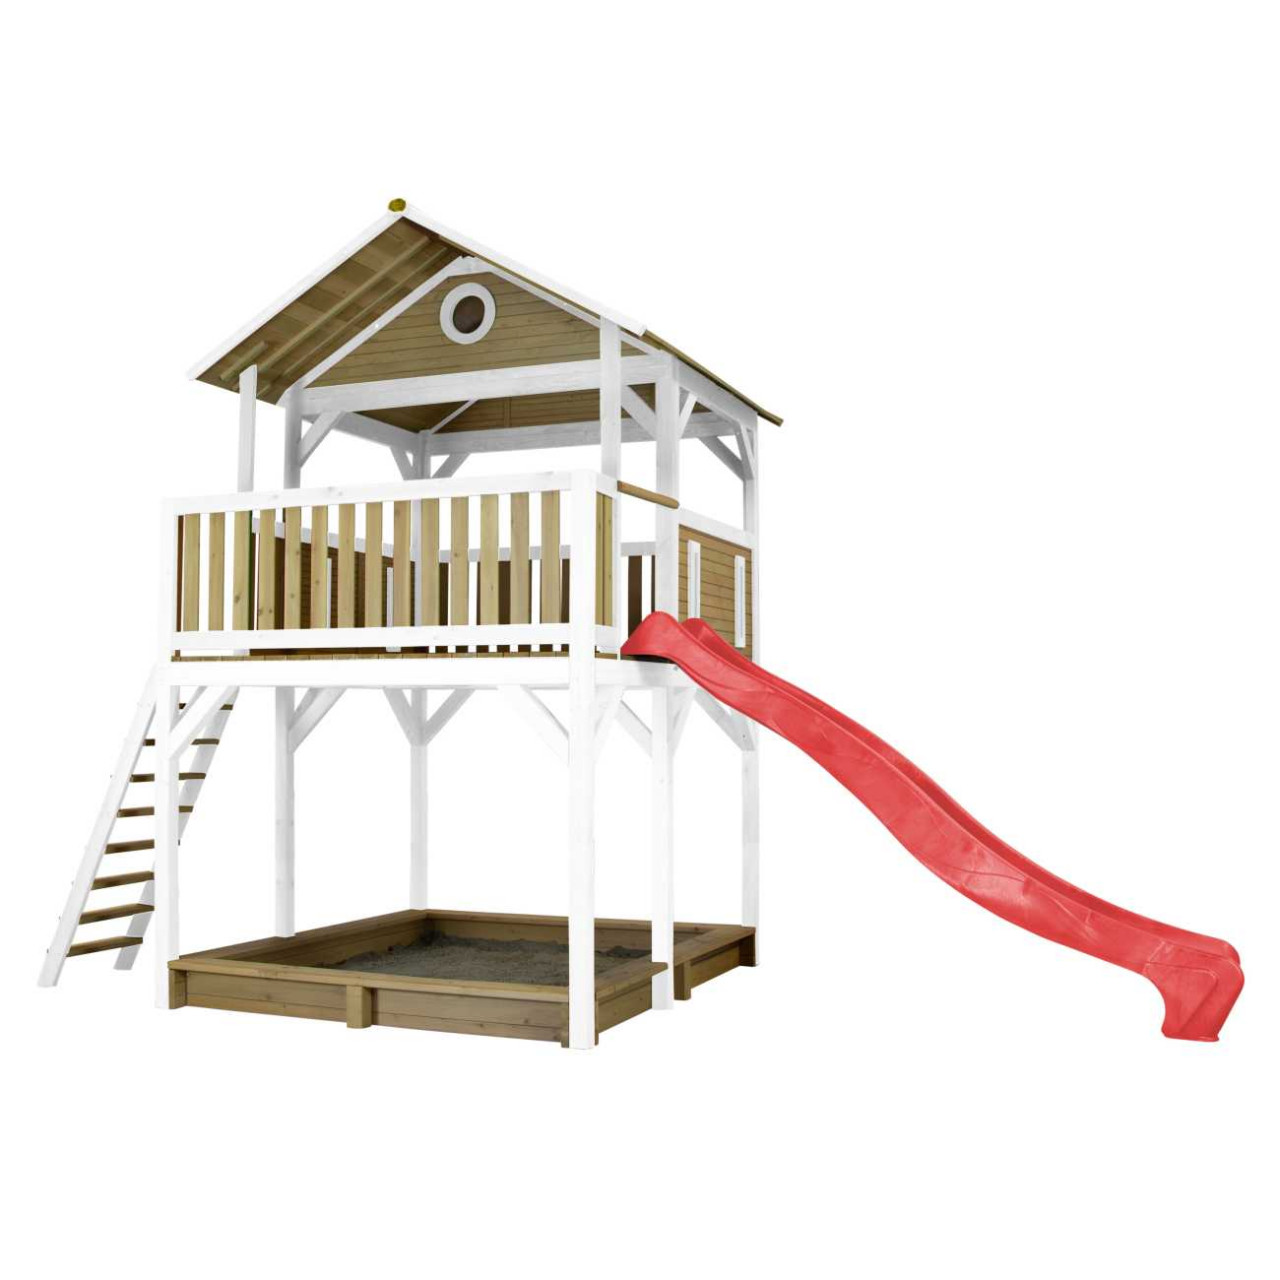 Kinder Spielturm Woody von Axi mit 2,90 m langer Rutsche